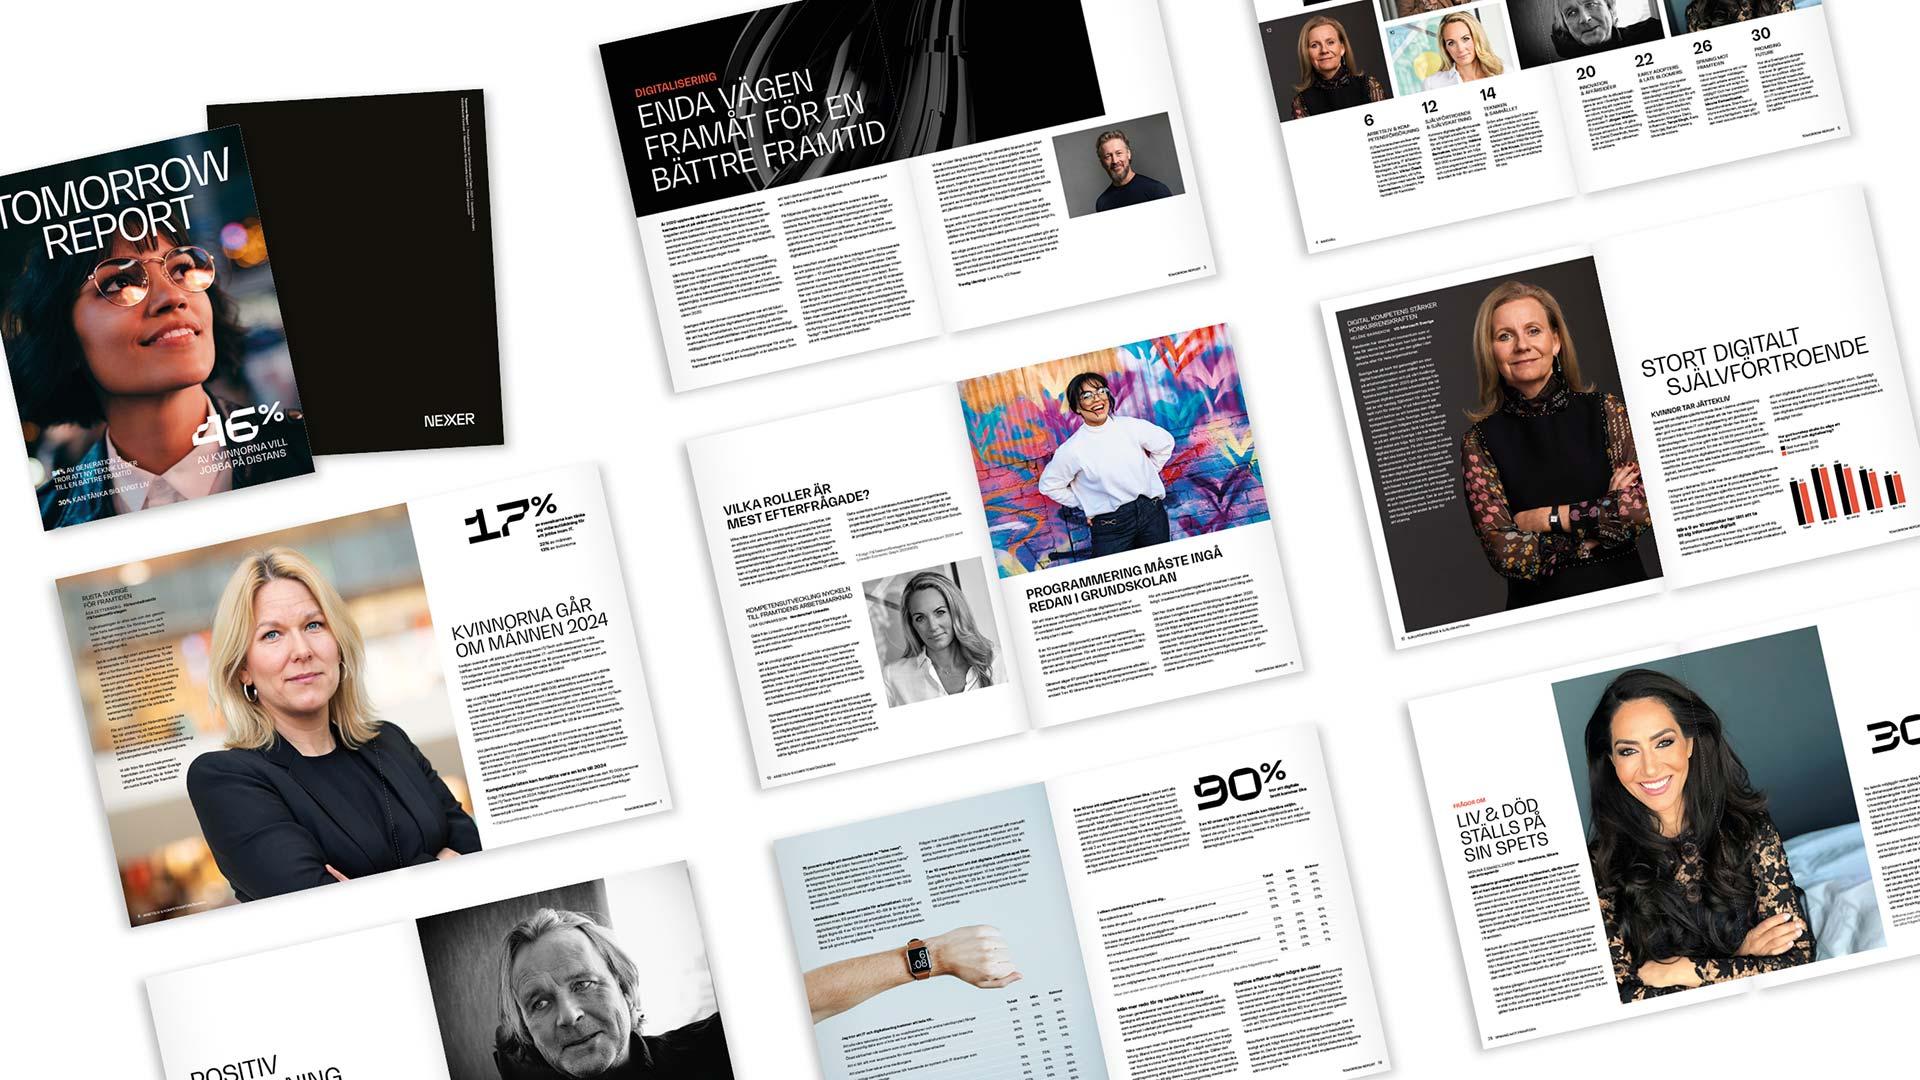 En miljon svenskar vill in i IT – 2024 tar kvinnorna över, enligt Sifo/Tomorrow Report